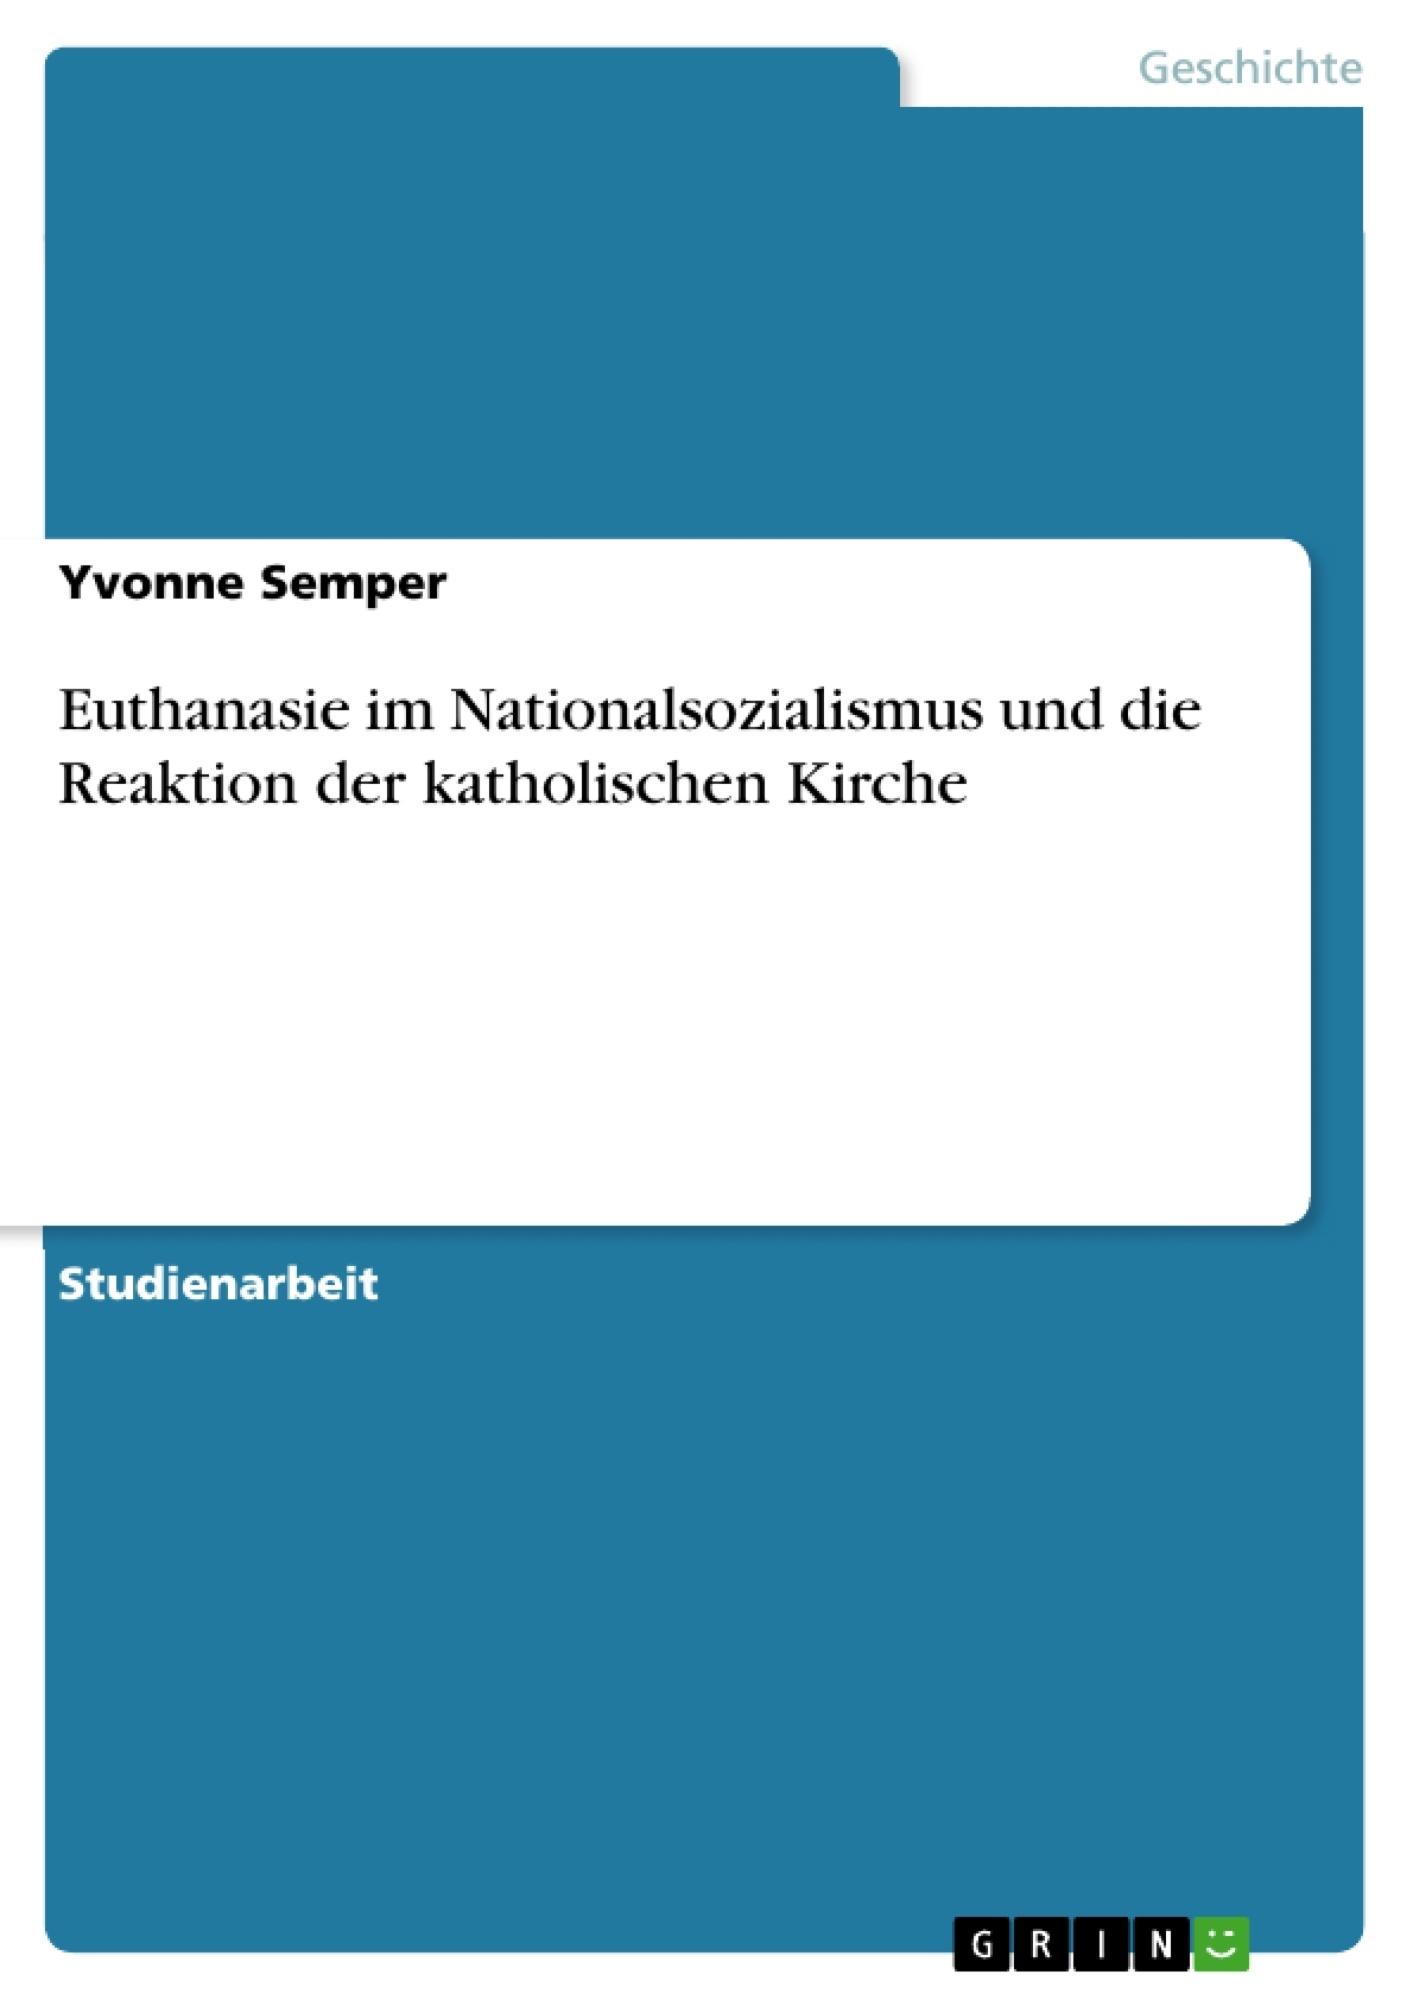 Titel: Euthanasie im Nationalsozialismus und die Reaktion der katholischen Kirche